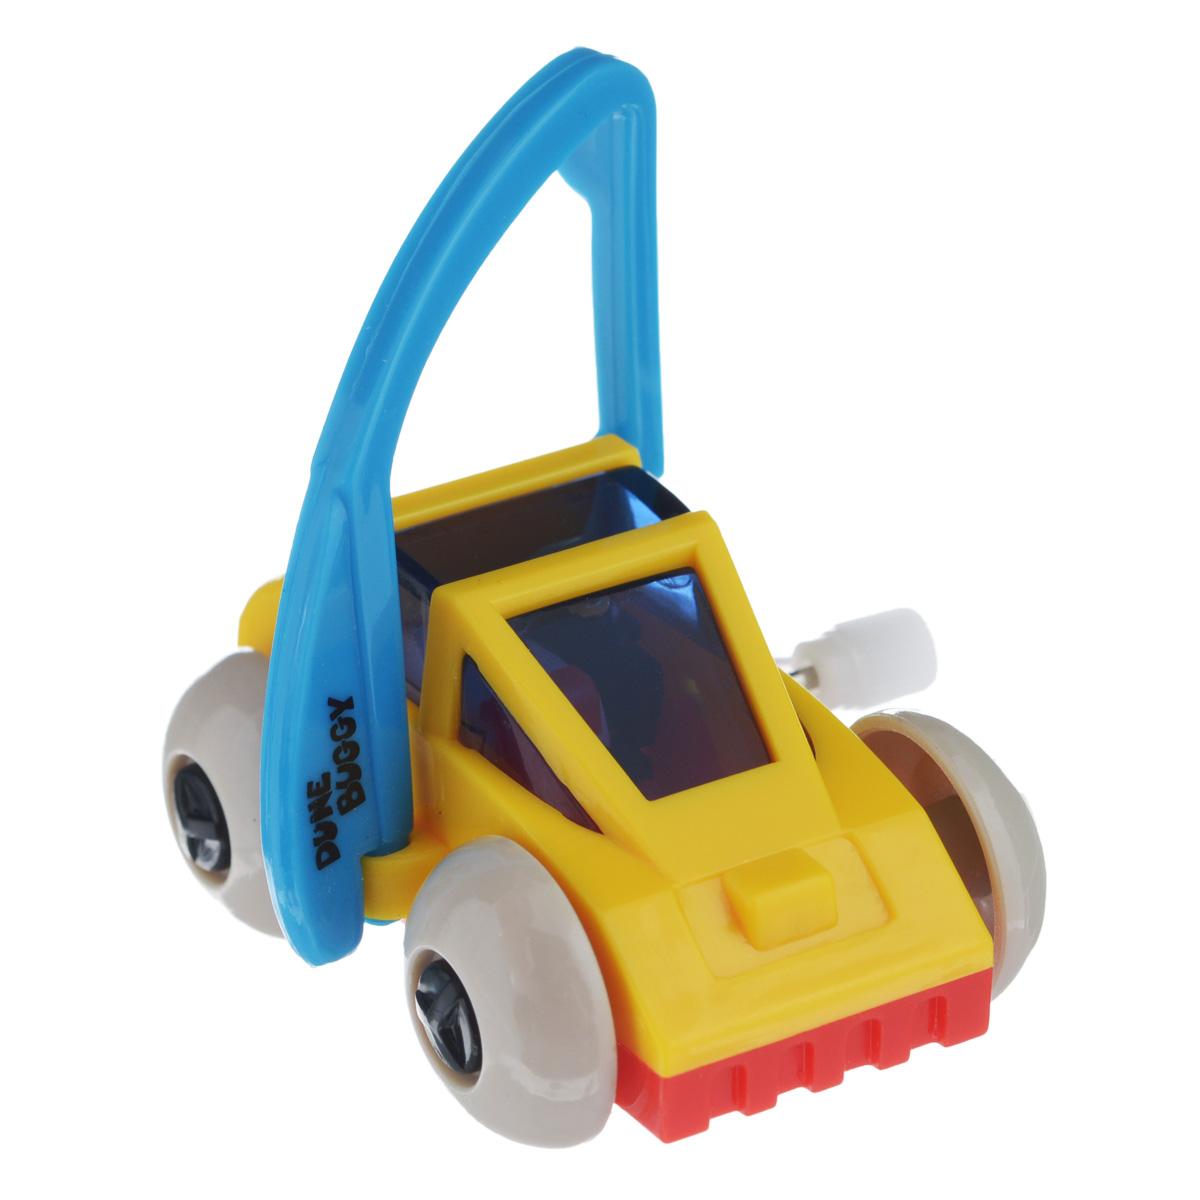 Игрушка заводная Багги, цвет: желтый, голубой2K-62BD_ желтыйИгрушка Hans Багги привлечет внимание вашего малыша и не позволит ему скучать! Выполненная из безопасного пластика, игрушка представляет собой забавную машинку. Игрушка имеет механический завод. Для запуска, придерживая колеса, поверните заводной ключ по часовой стрелке до упора. Установите игрушку на поверхность и она поедет вперед, так же во время движения машинка поднимается на задние колеса. Заводная игрушка Hans Багги поможет ребенку в развитии воображения, мелкой моторики рук, концентрации внимания и цветового восприятия.